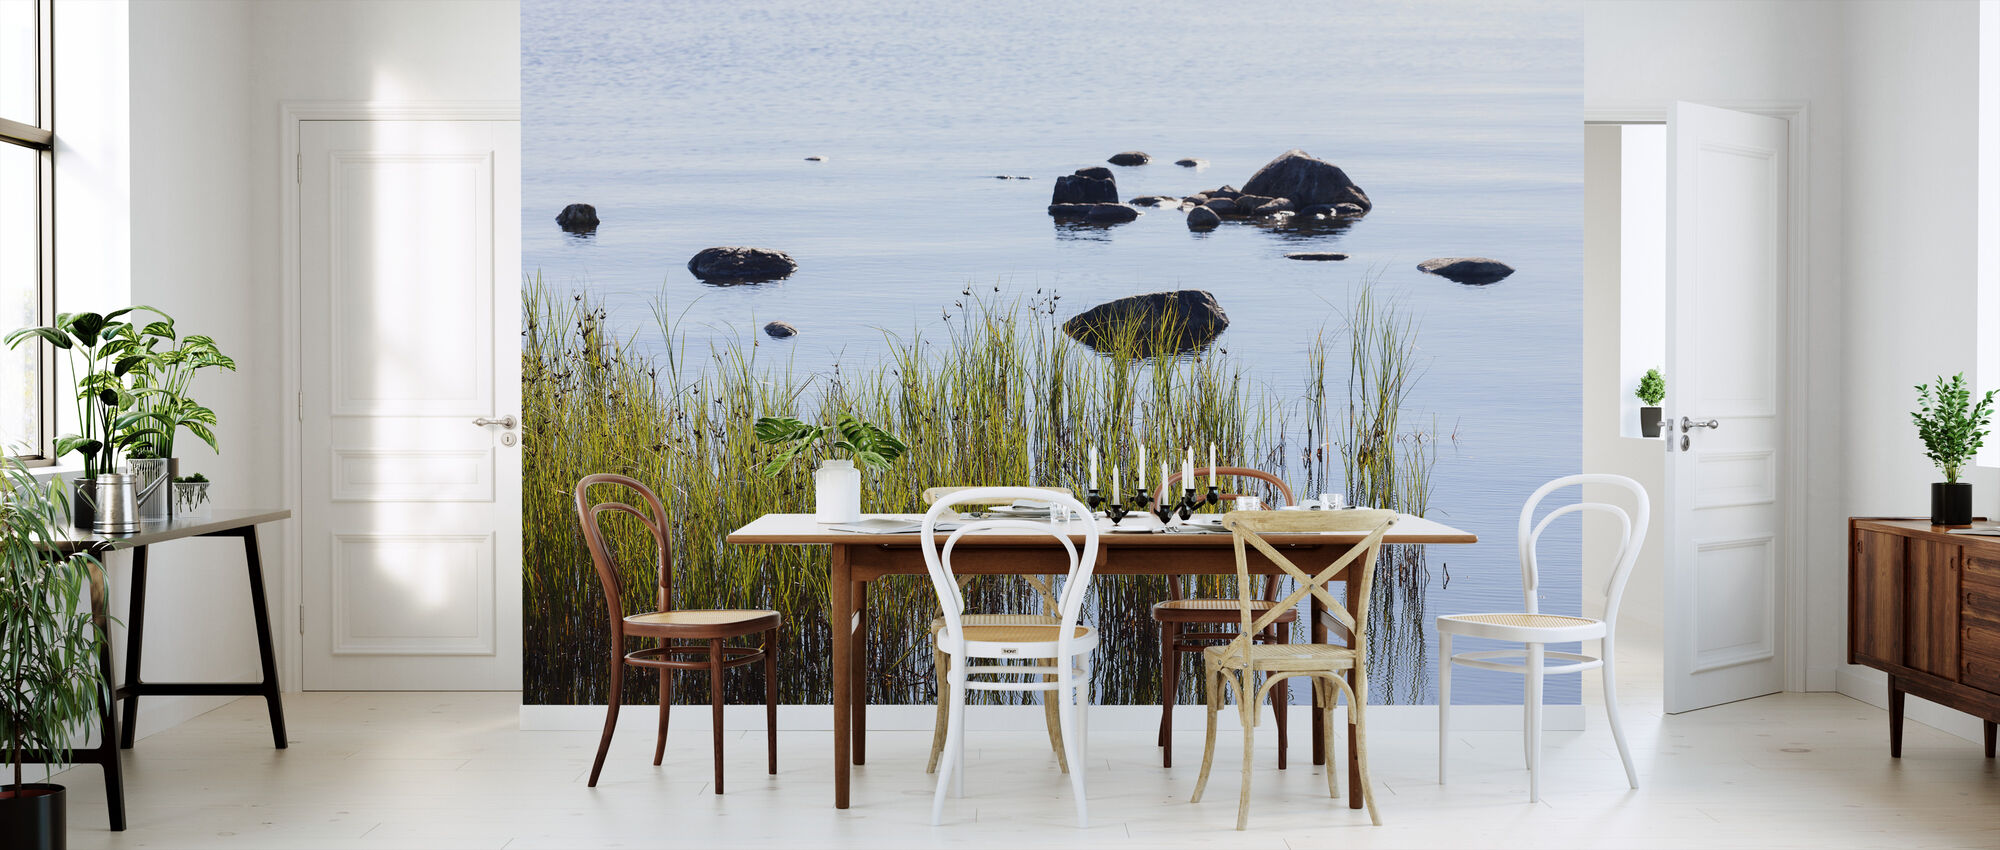 Stenar i Vatten, Gotland - Tapet - Kök